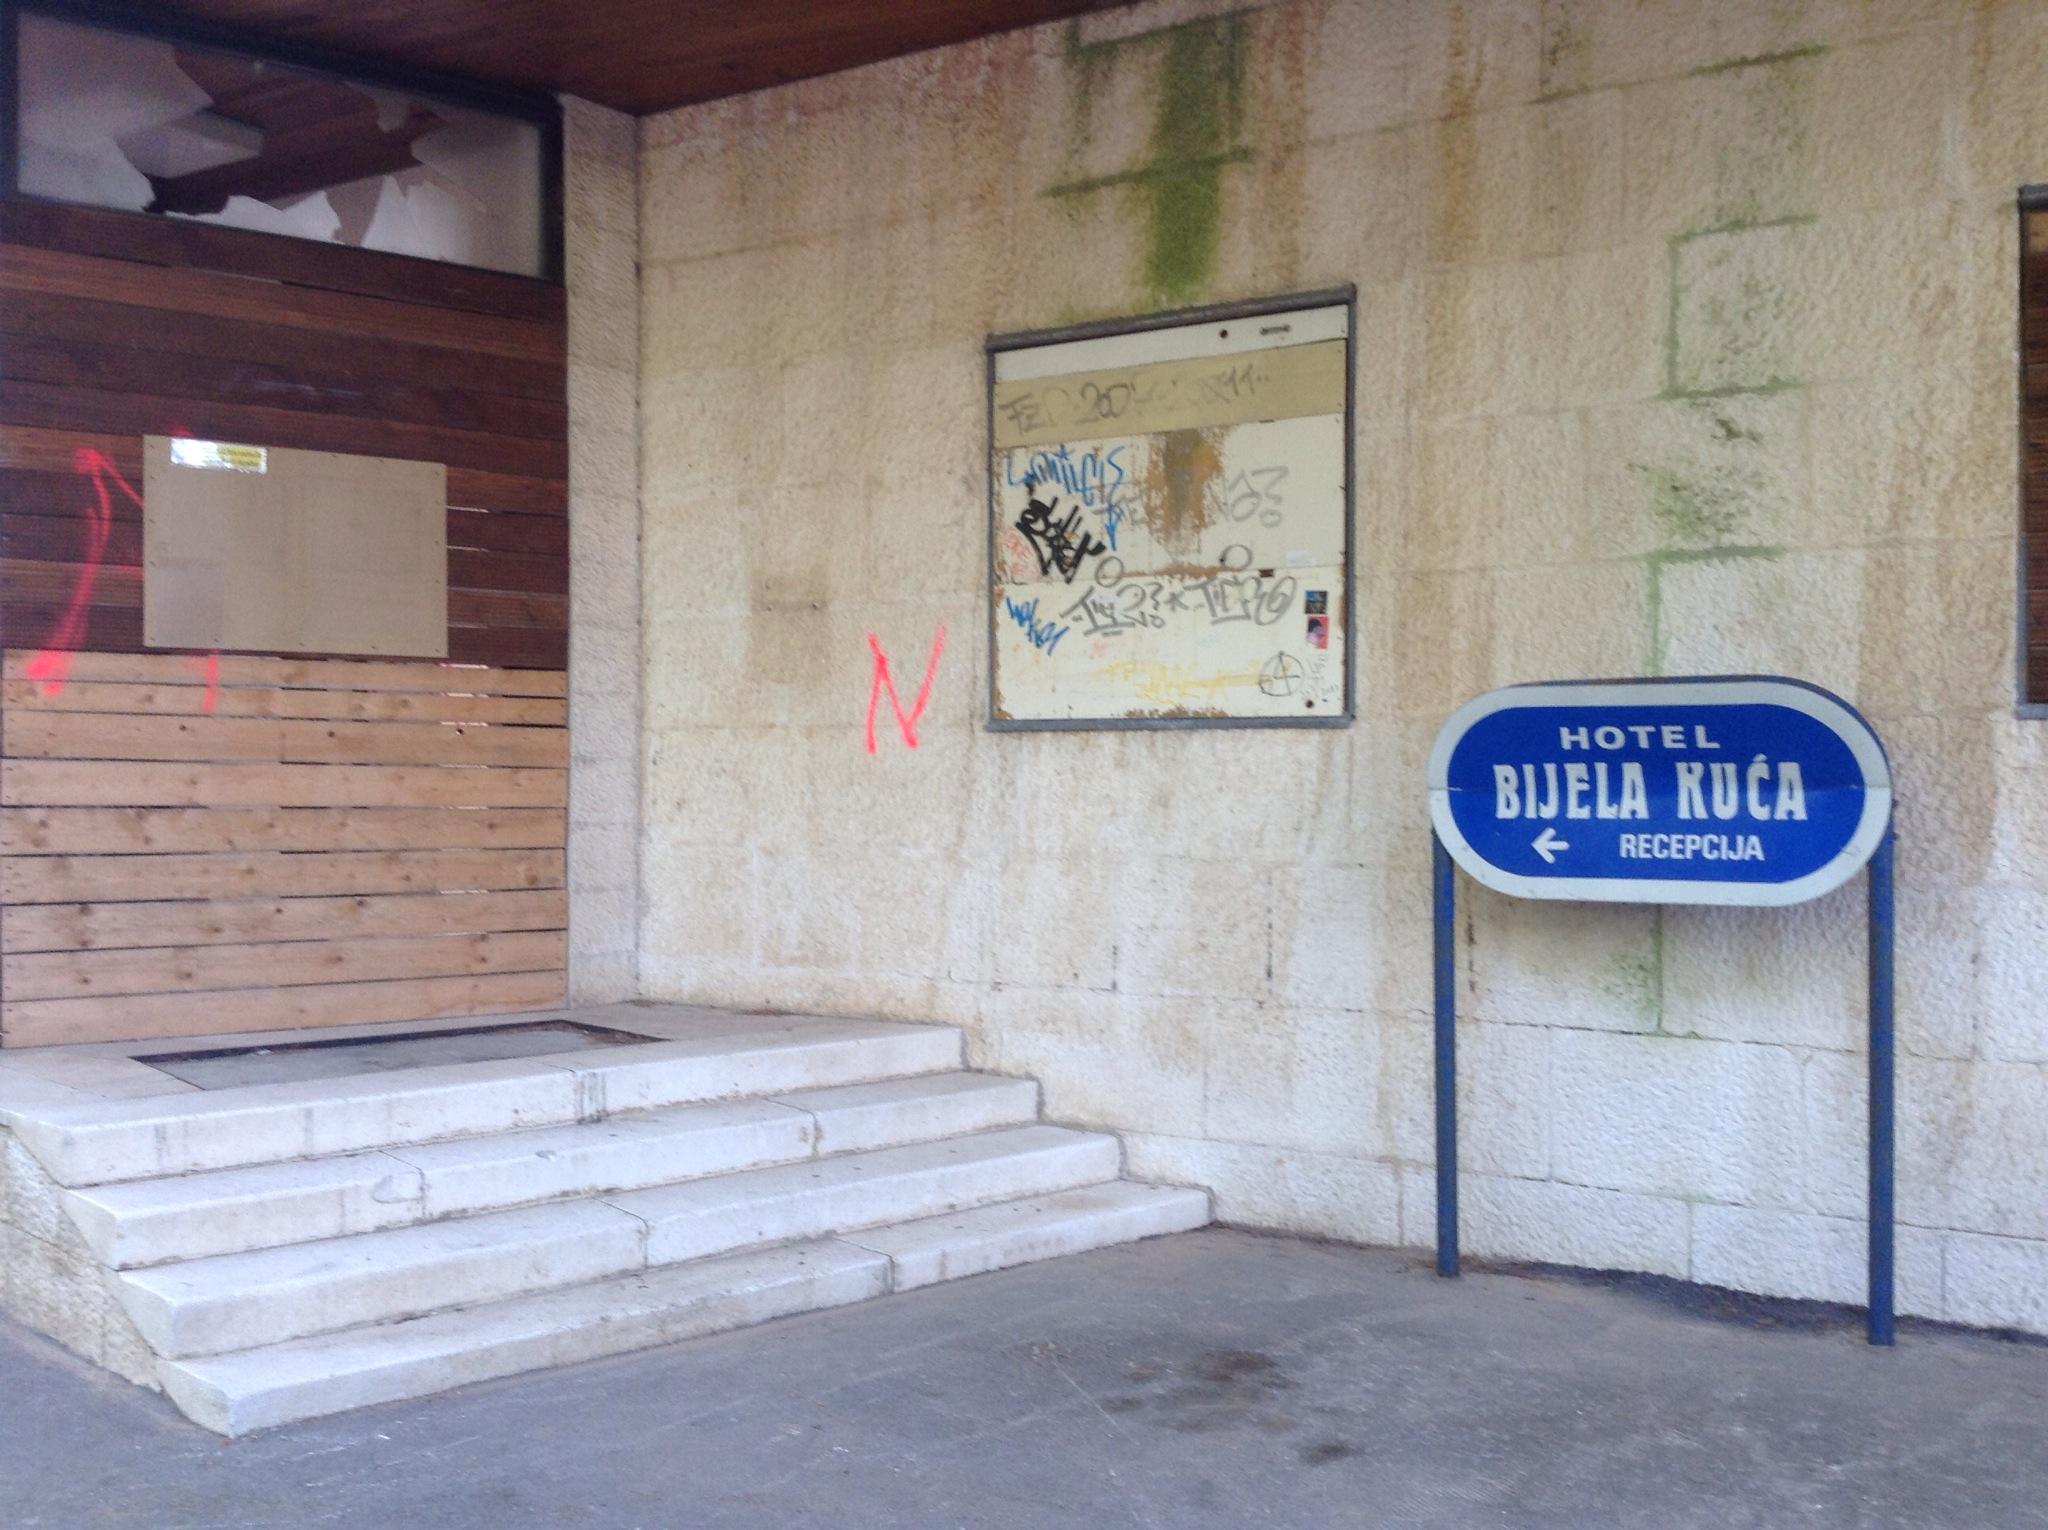 Abandoned hotel in Bol Croatia graffiti on walls